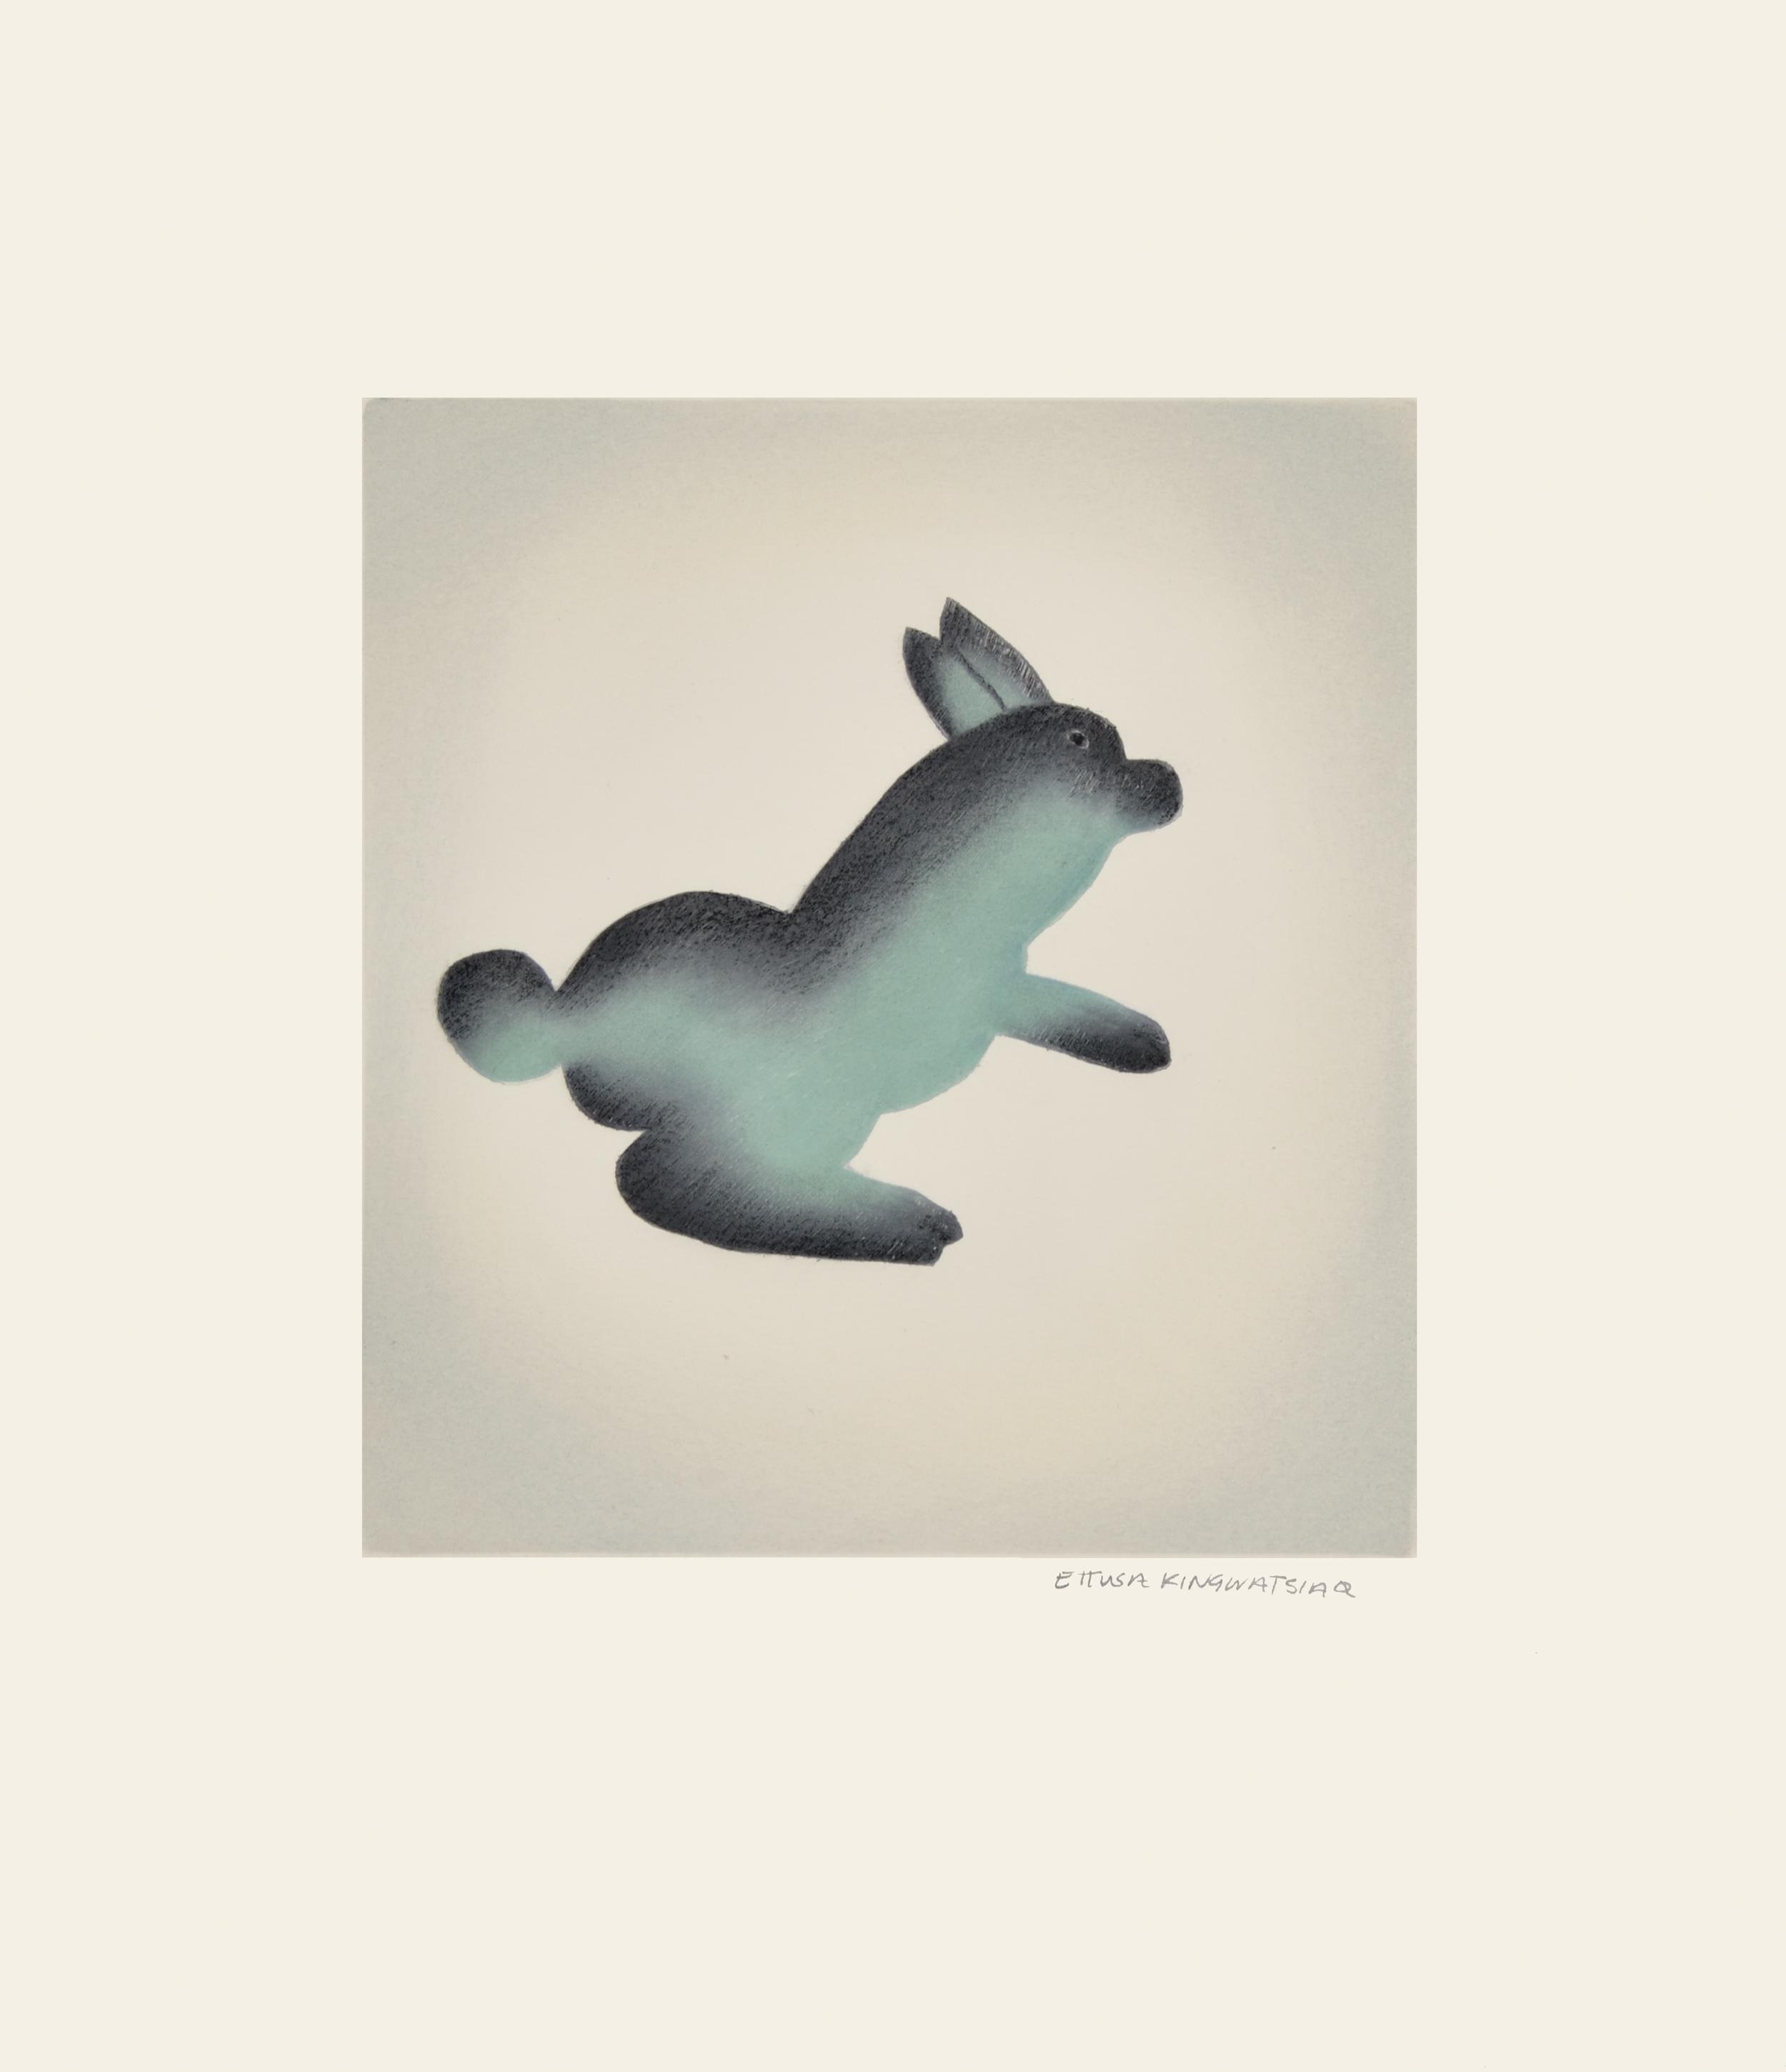 ETTUSA KINGWATSIAQ 15-29. HOP Etching & Aquatint Paper: Arches White Printer: Studio PM 44.5 x 38 cm